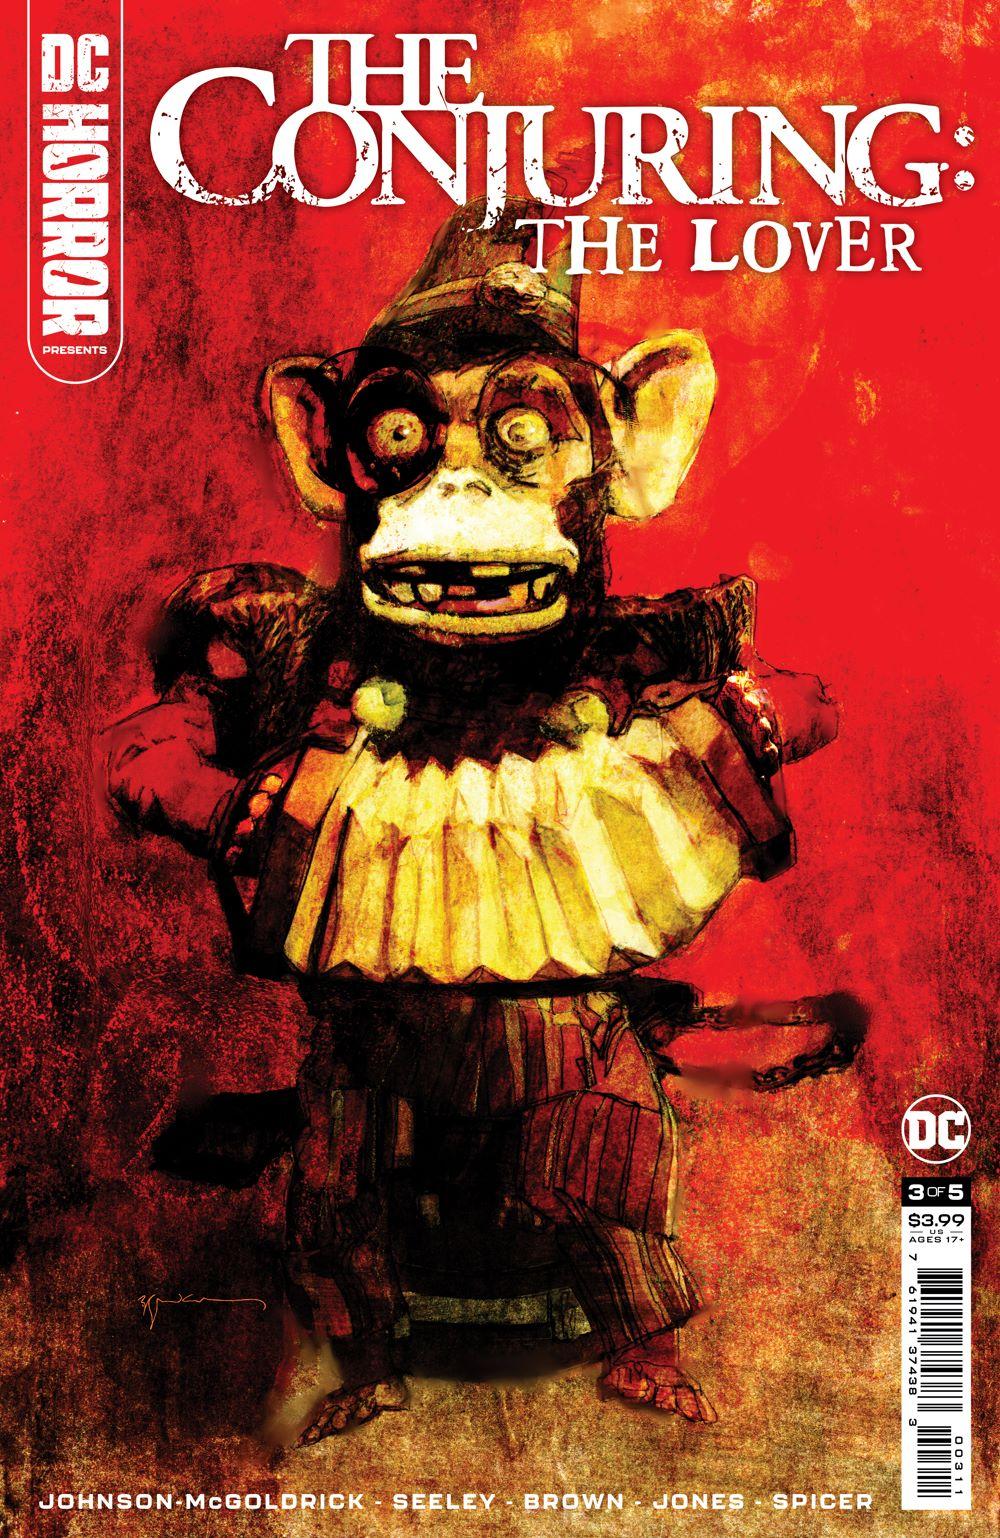 DCHP_TCTL_Cv3 DC Comics August 2021 Solicitations